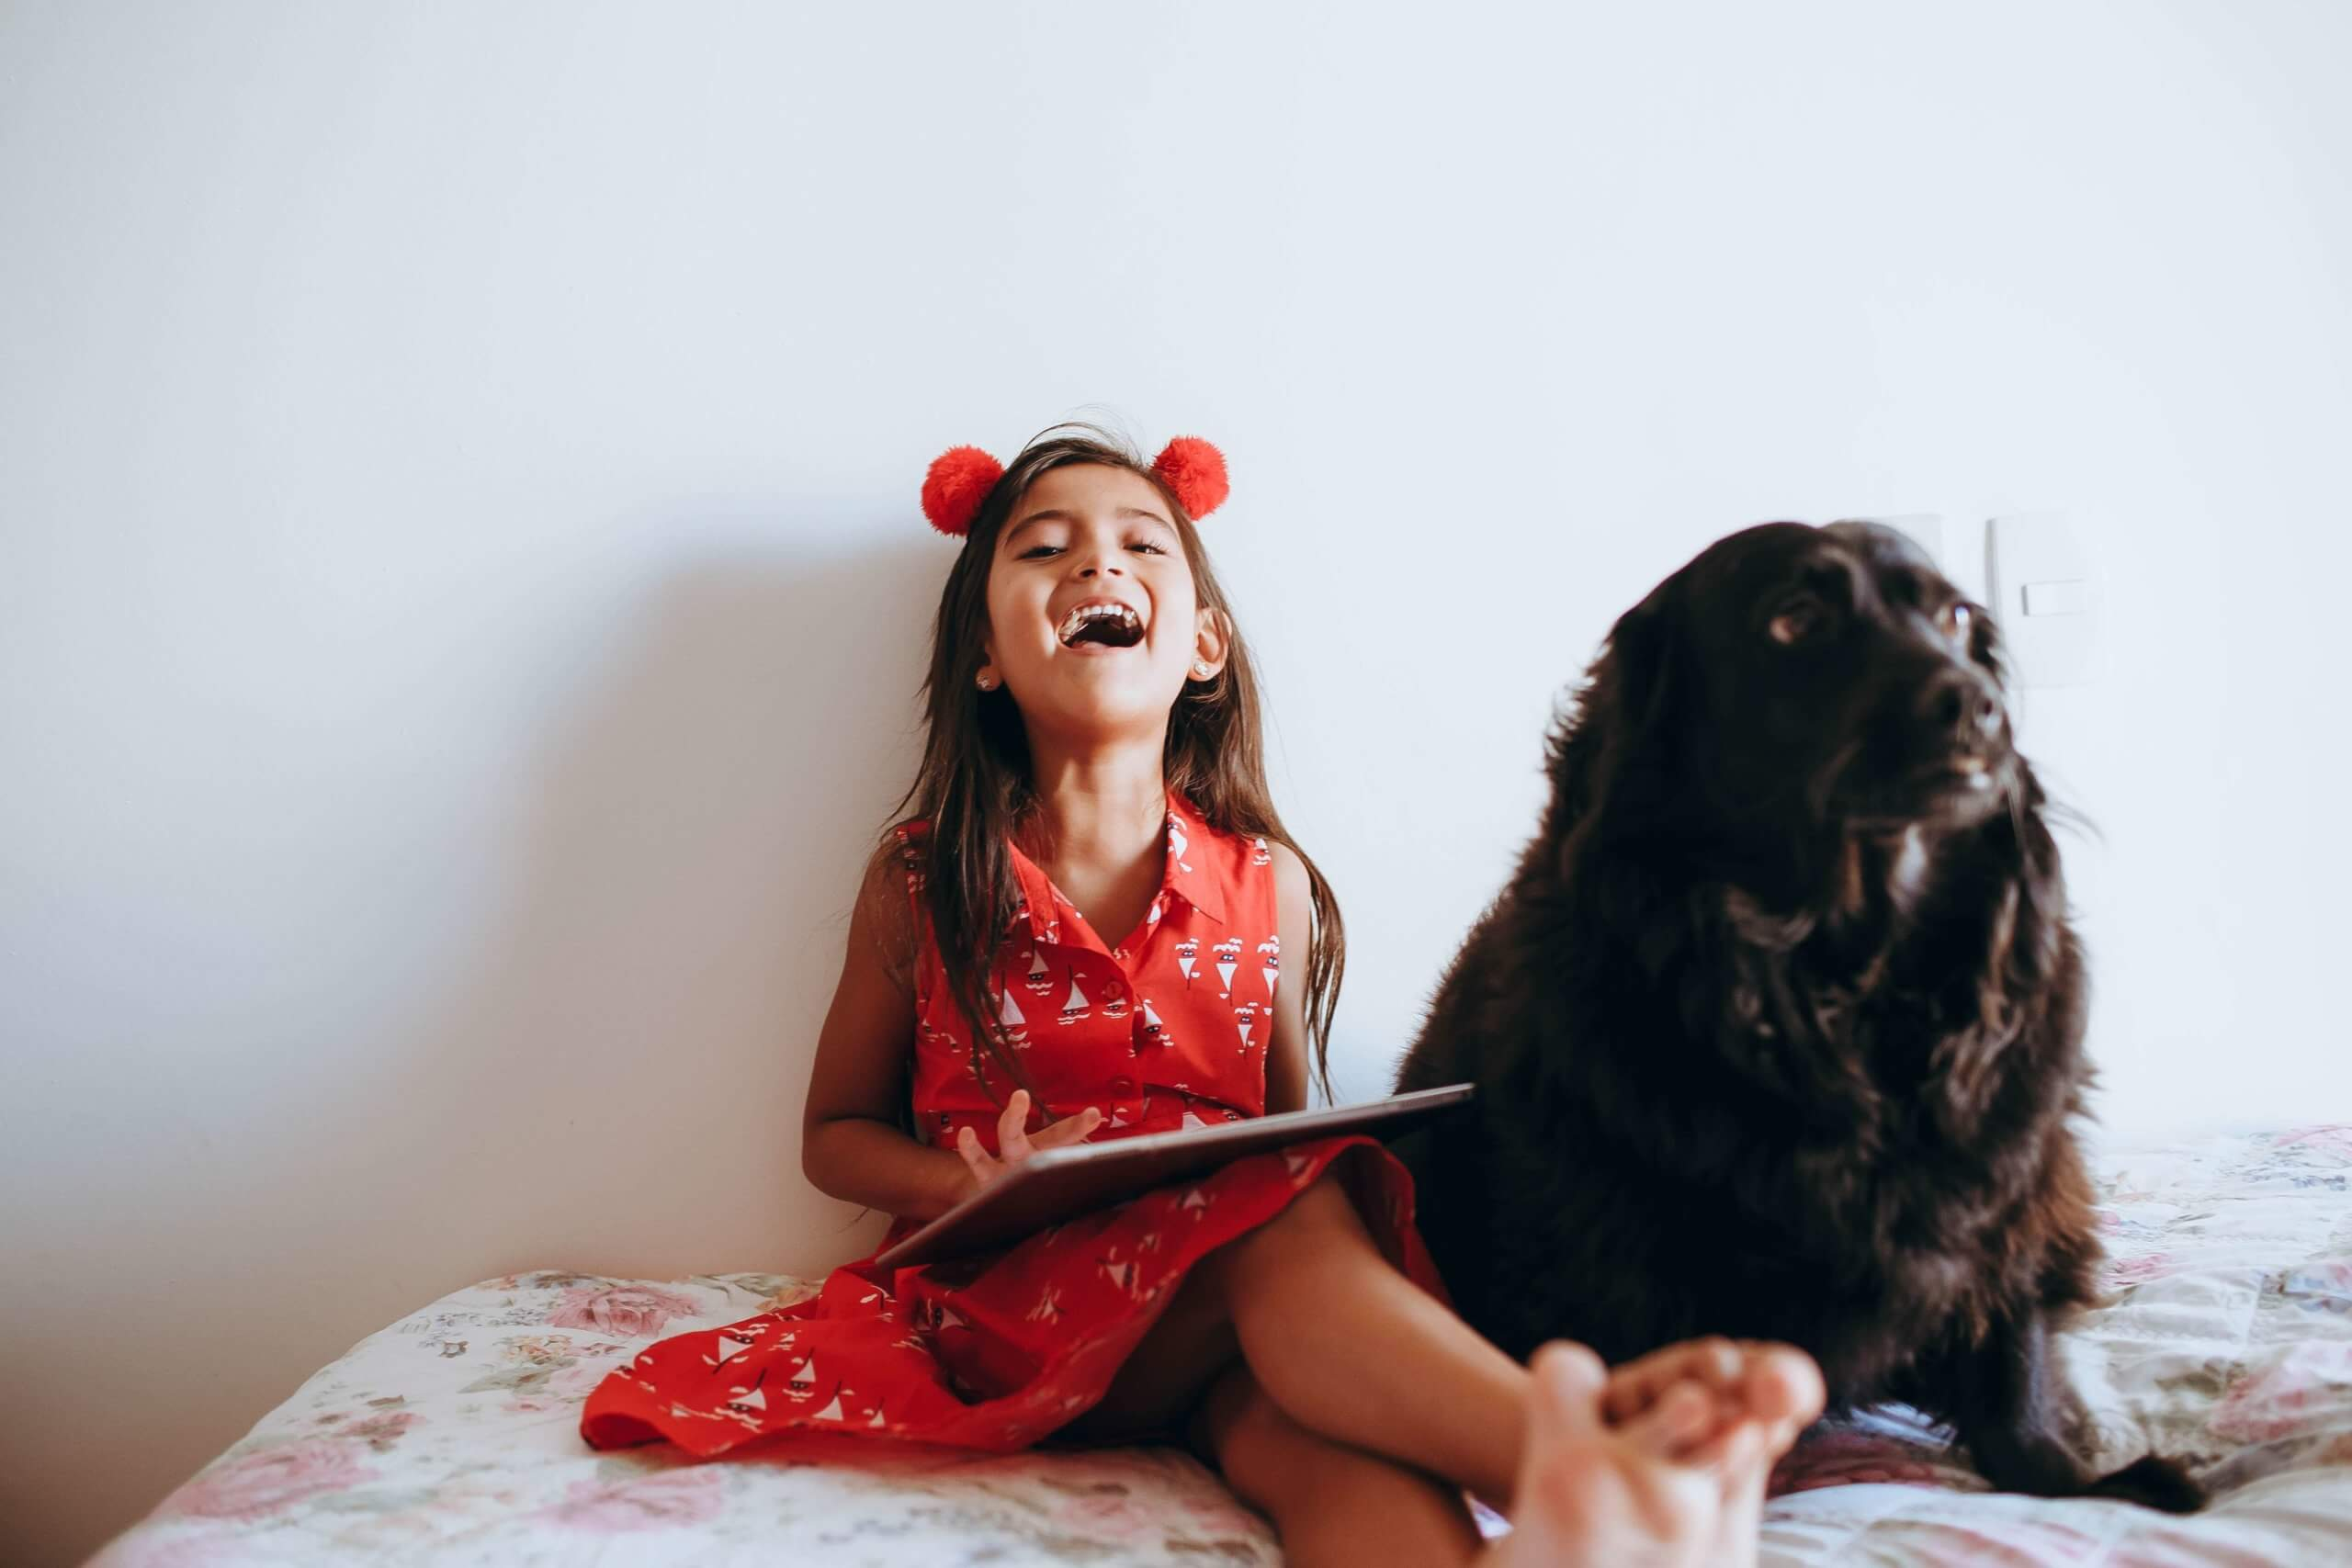 criança menina sentada na cama com livro no colo, a rir-se e com um cão sentado ao lado dela